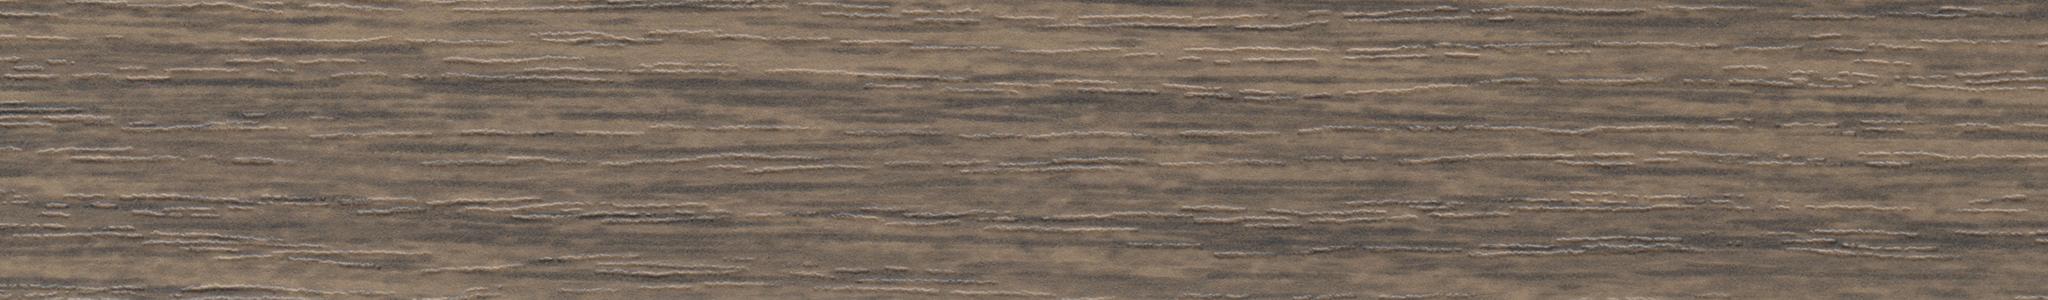 HD 280017 ABS Edge Walnut Pore